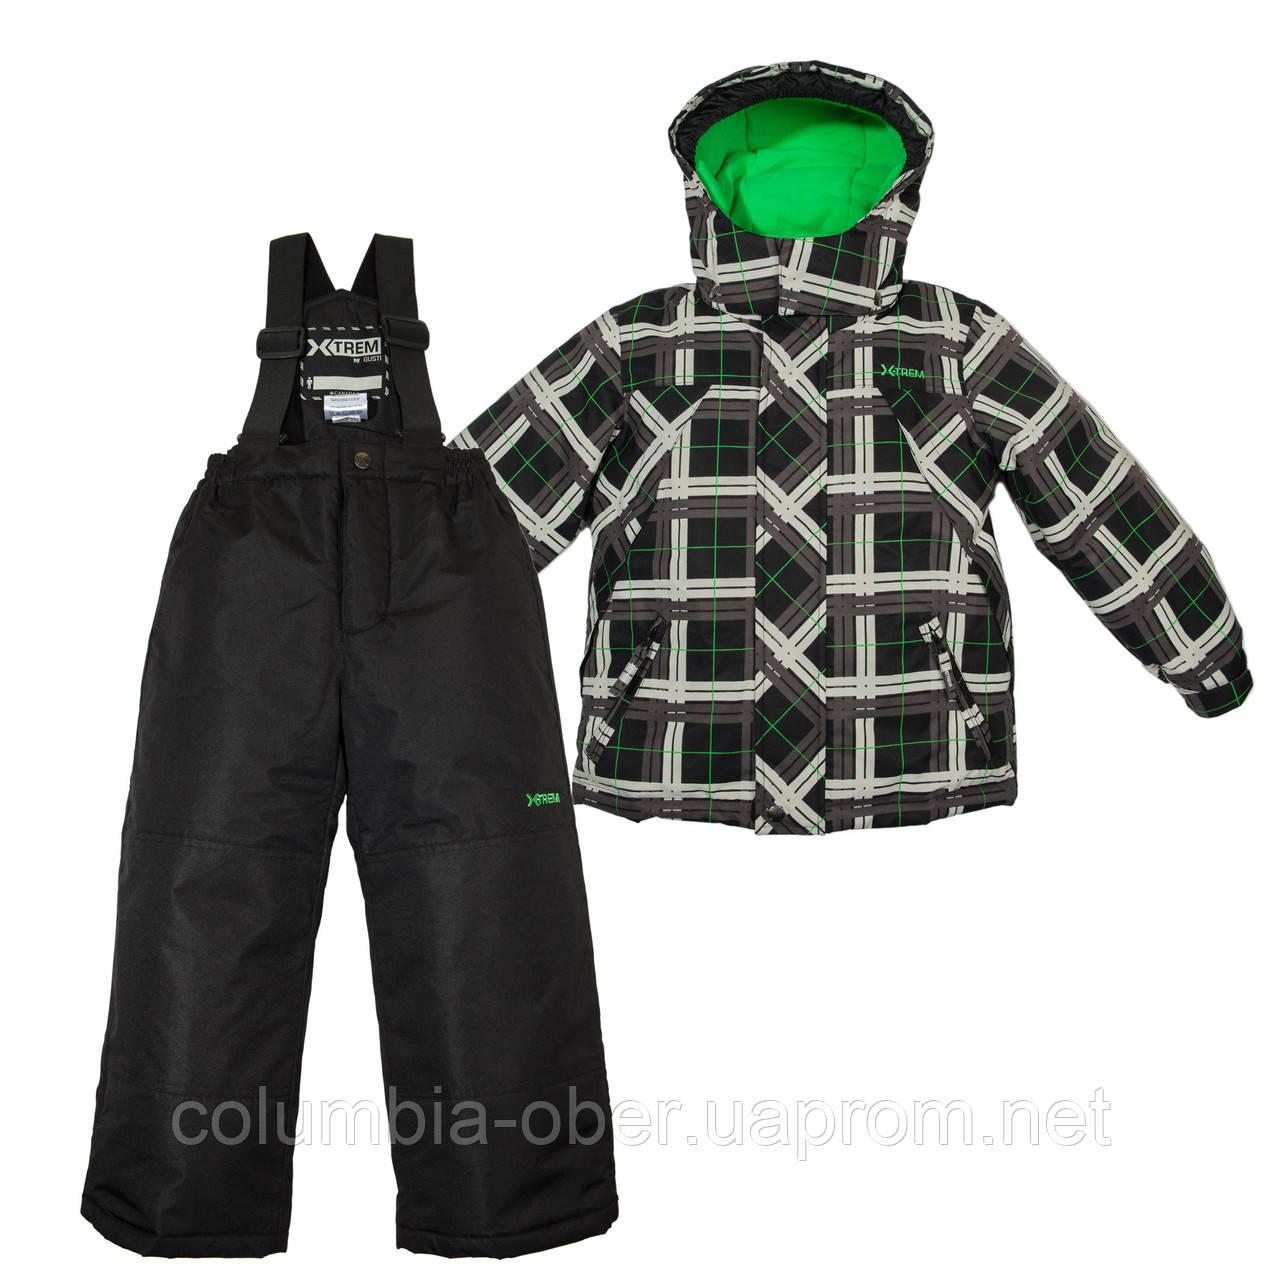 Зимний комплектн для мальчика X-trem by Gusti 4783. Размеры 92 - 134.